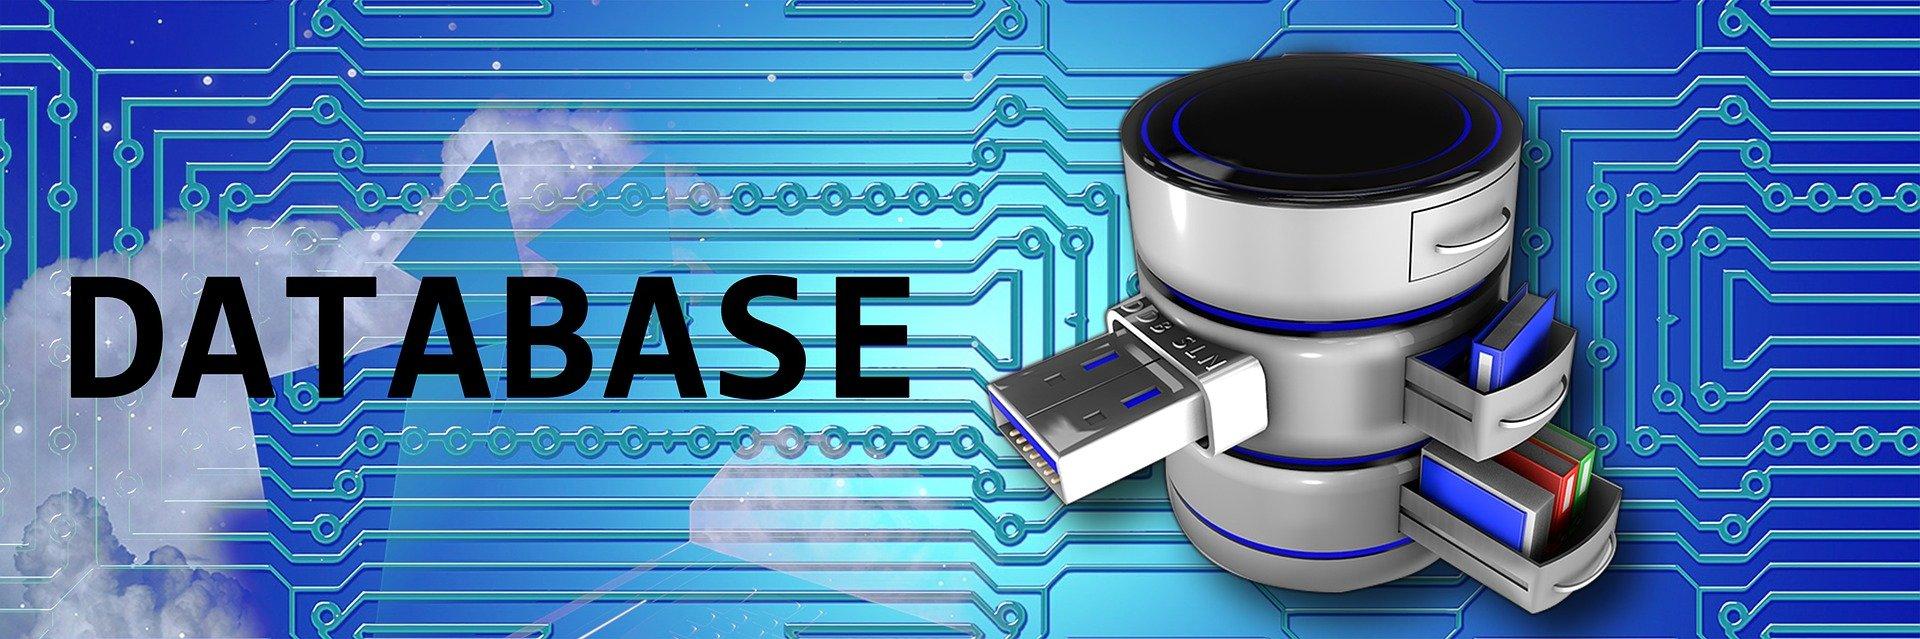 database-